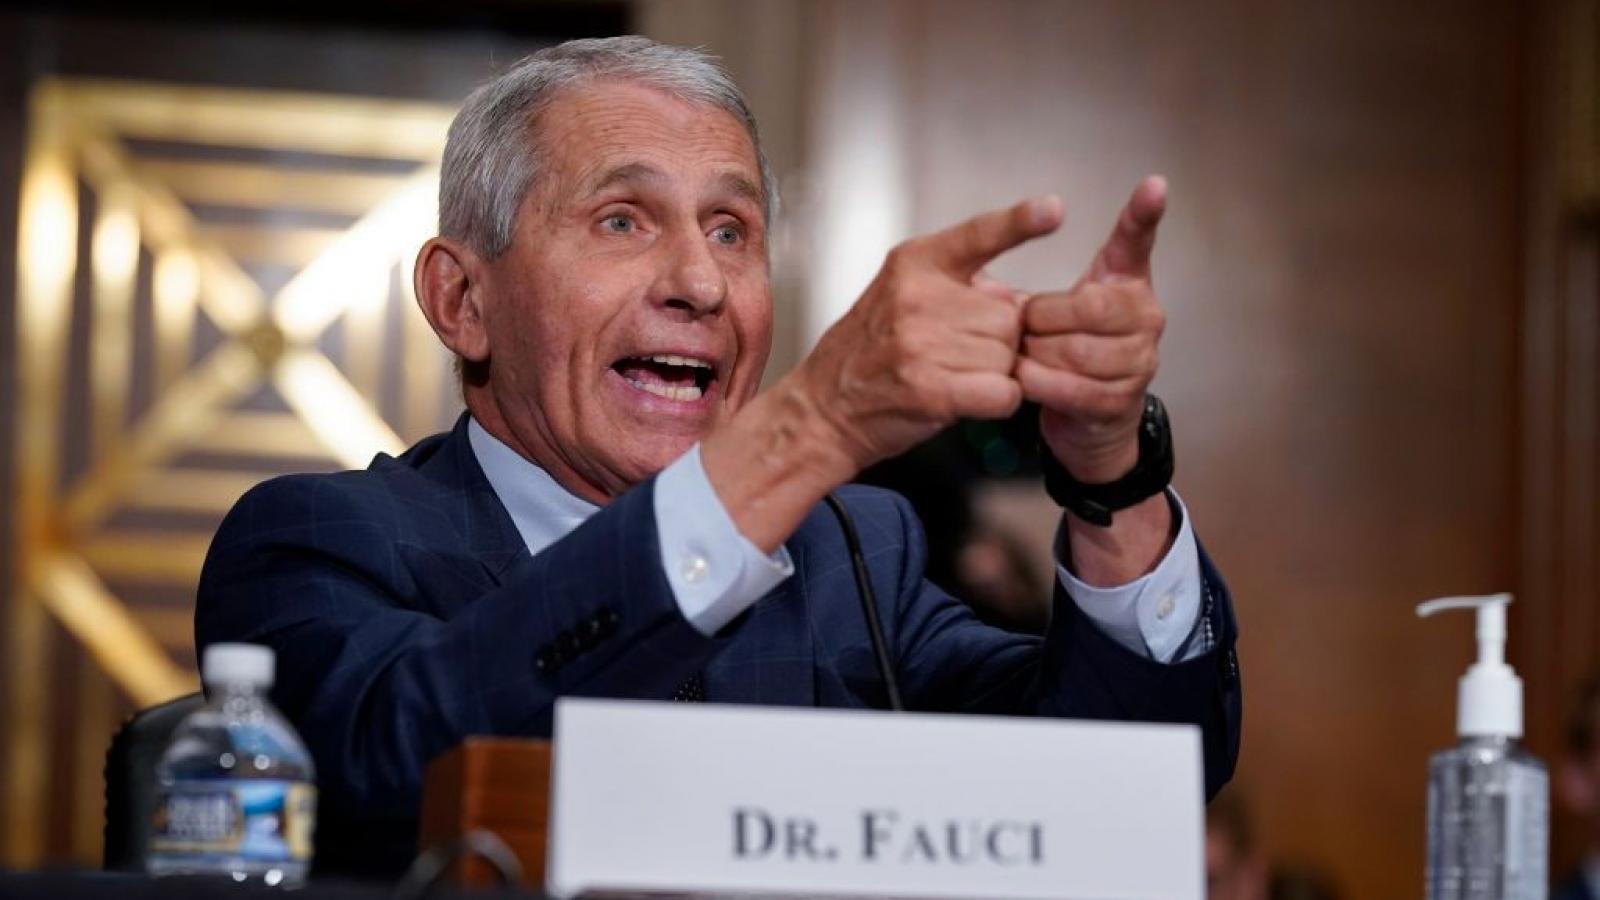 Tiến sĩ Fauci cảnh báo Mỹ đang đi sai hướng trong cuộc chiến chống Covid-19